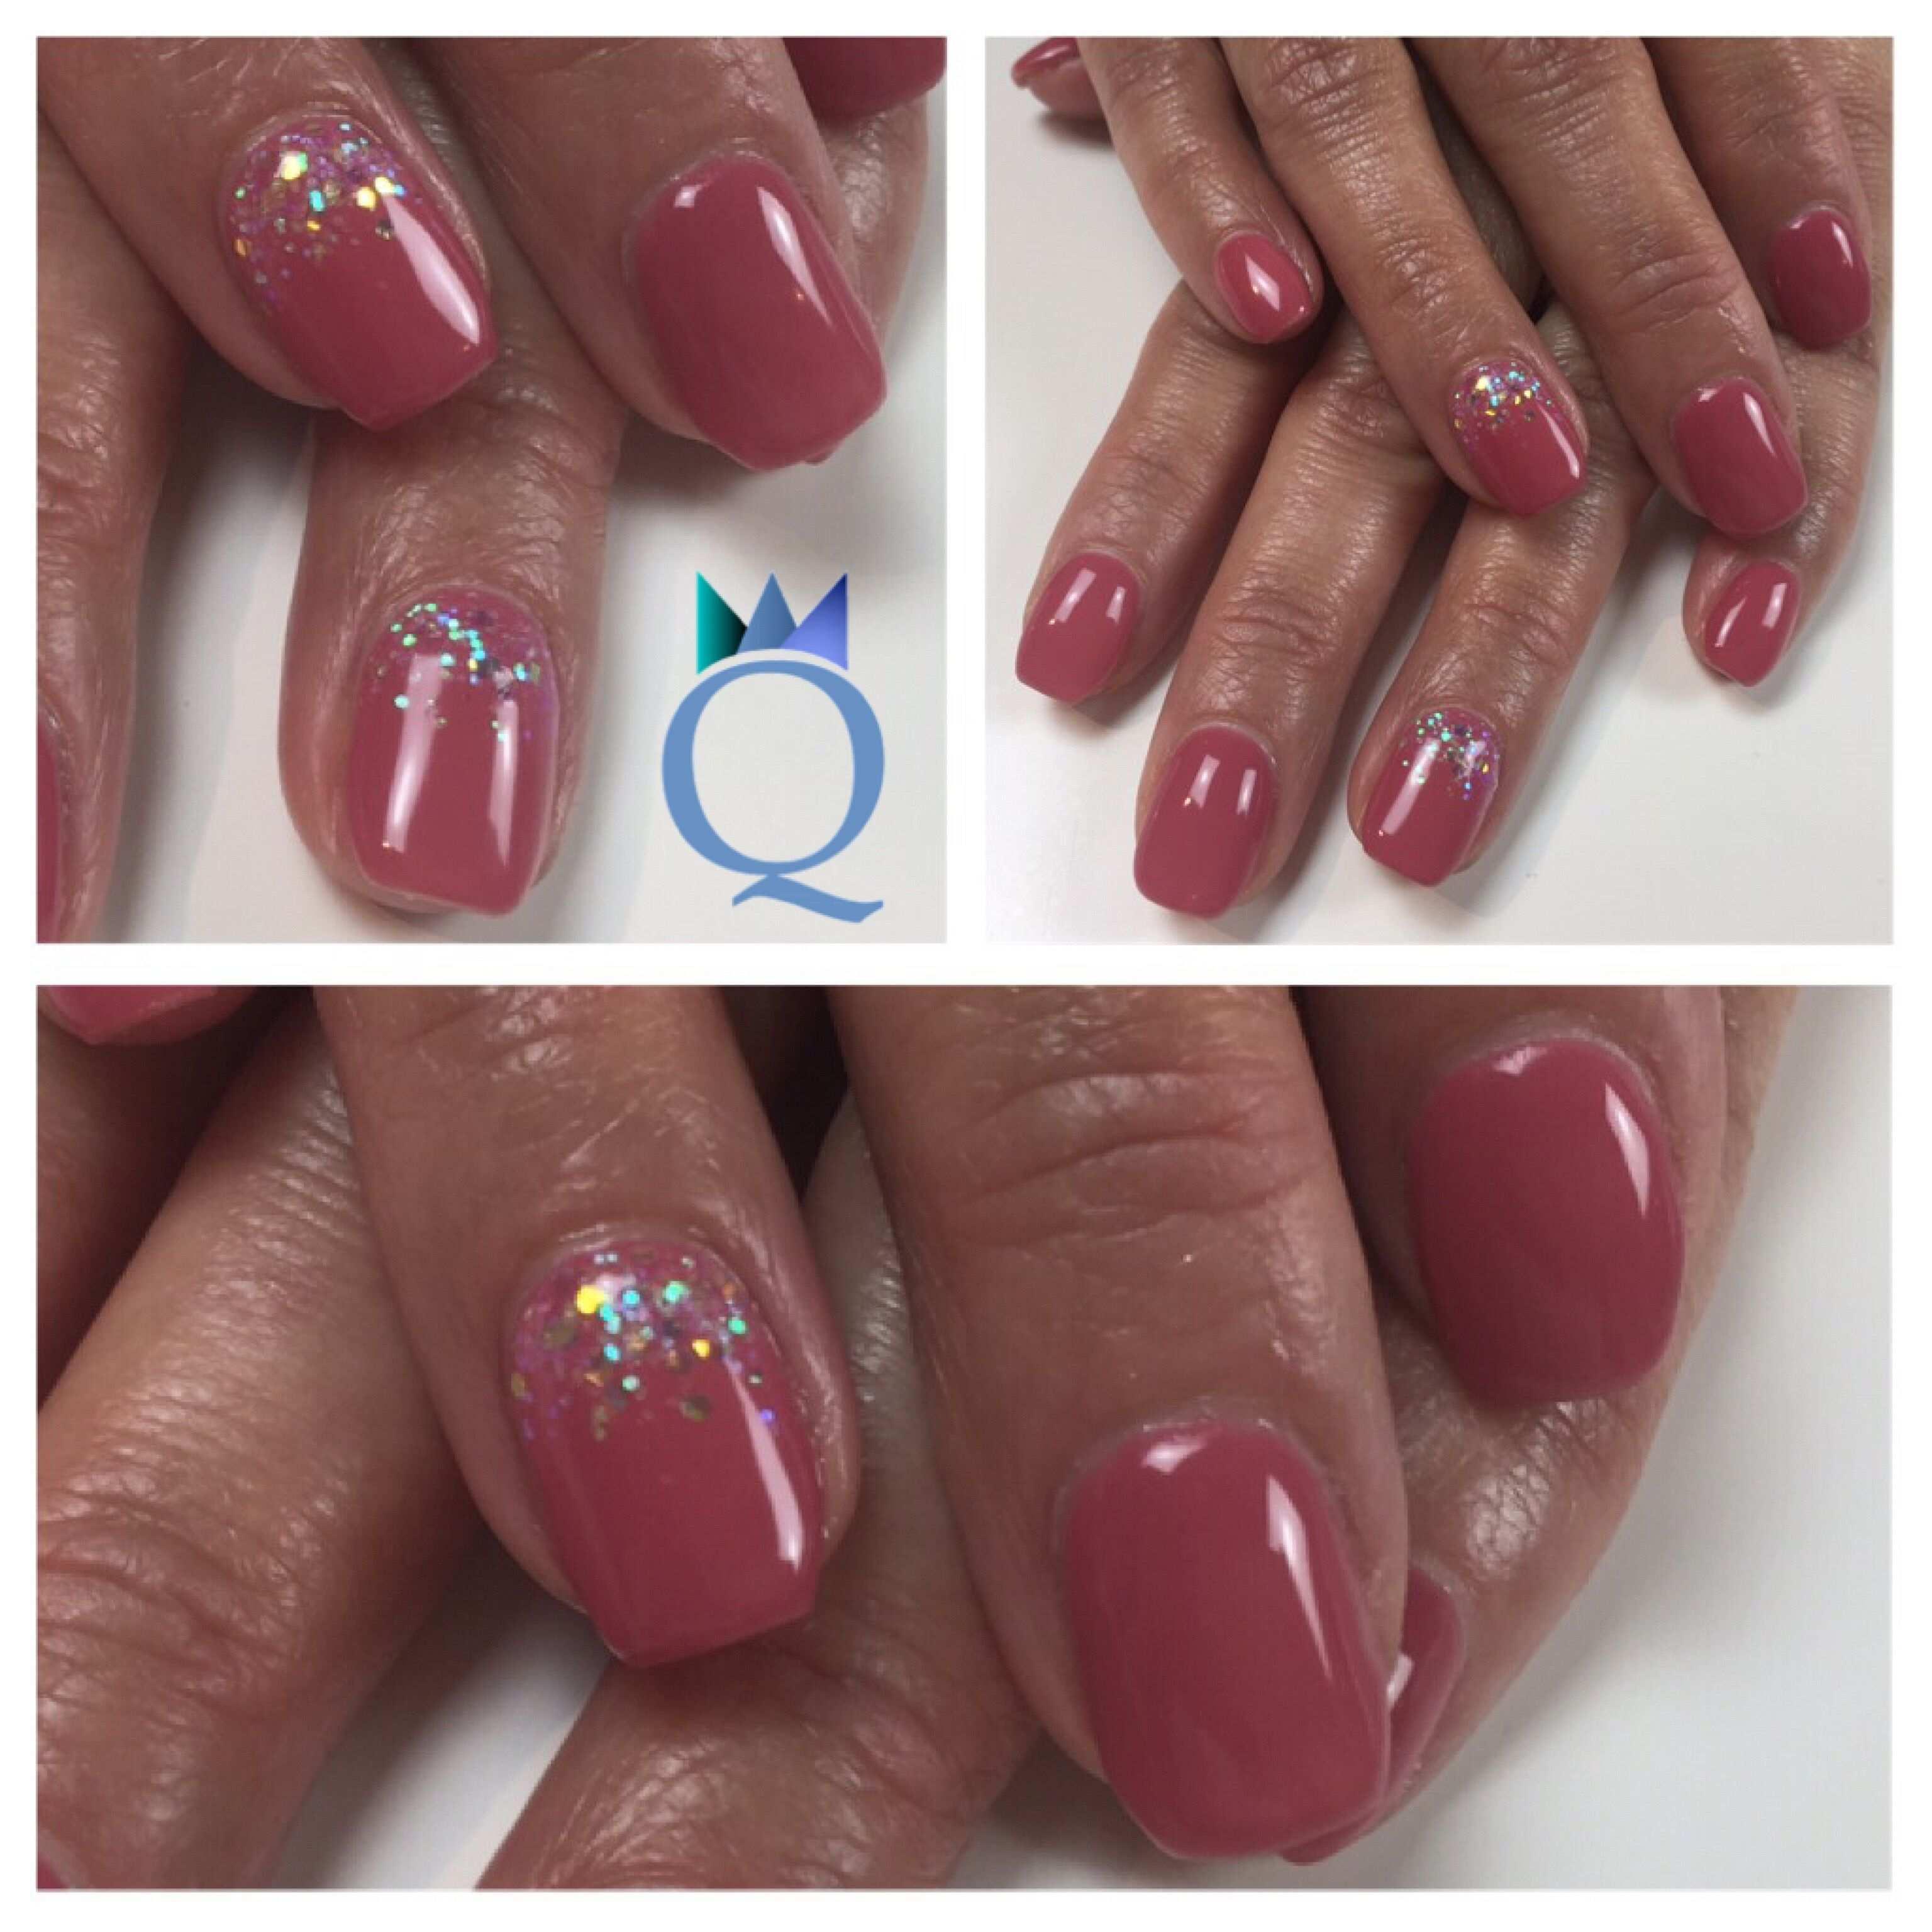 Shortcoffinnails Ballerinashape Gelnails Nails Pastelmagenta Rainbow Glitter Kurze Ballerina Form Gelnagel Nagel Nagelformen Nails Hochzeitsnagel